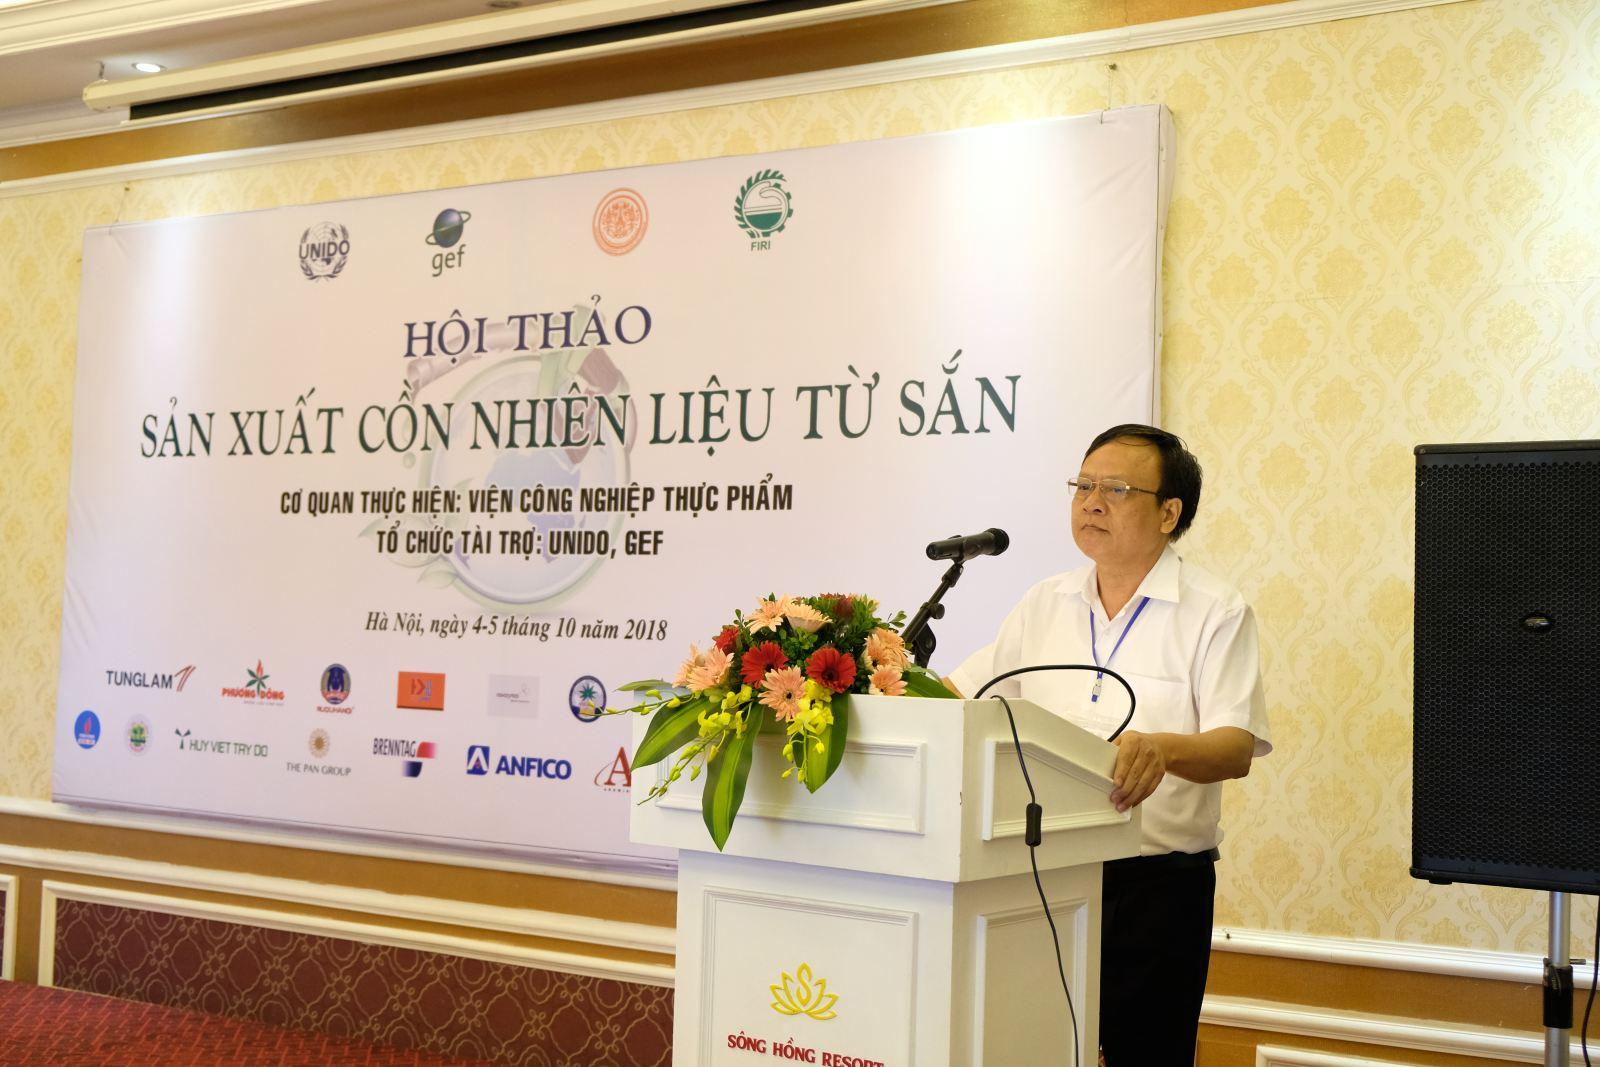 PGS. Lê Đức Mạnh, Viện trưởng, Giám đốc dự án tại Việt Nam đọc diễn văn khai mạc hội thảo